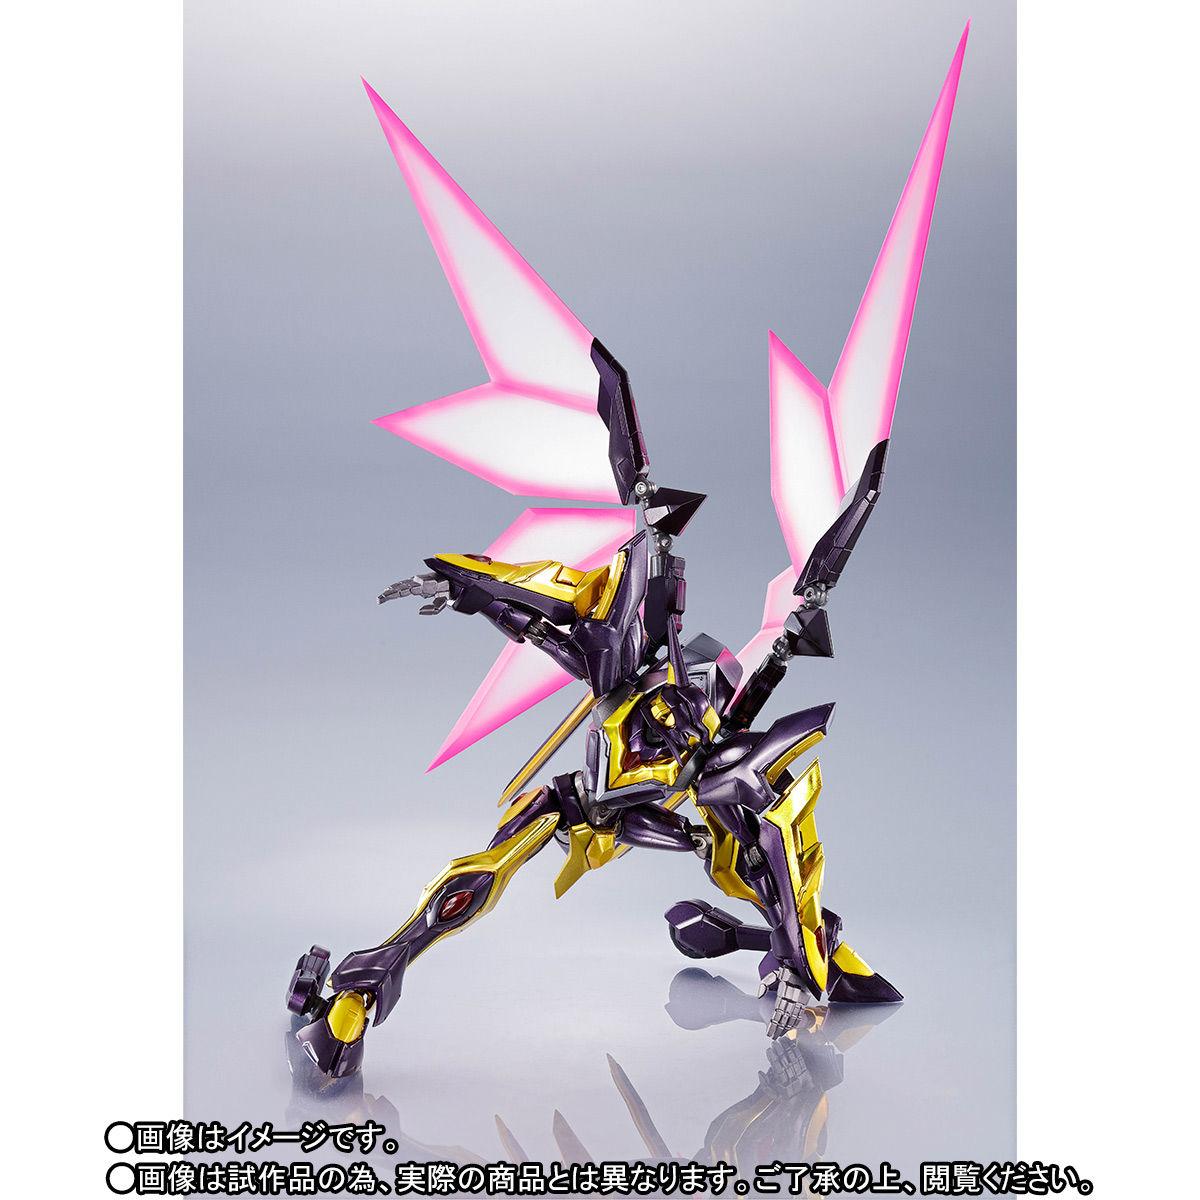 METAL ROBOT魂〈SIDE KMF〉『ランスロット・アルビオン ゼロ』コードギアス 可動フィギュア-006